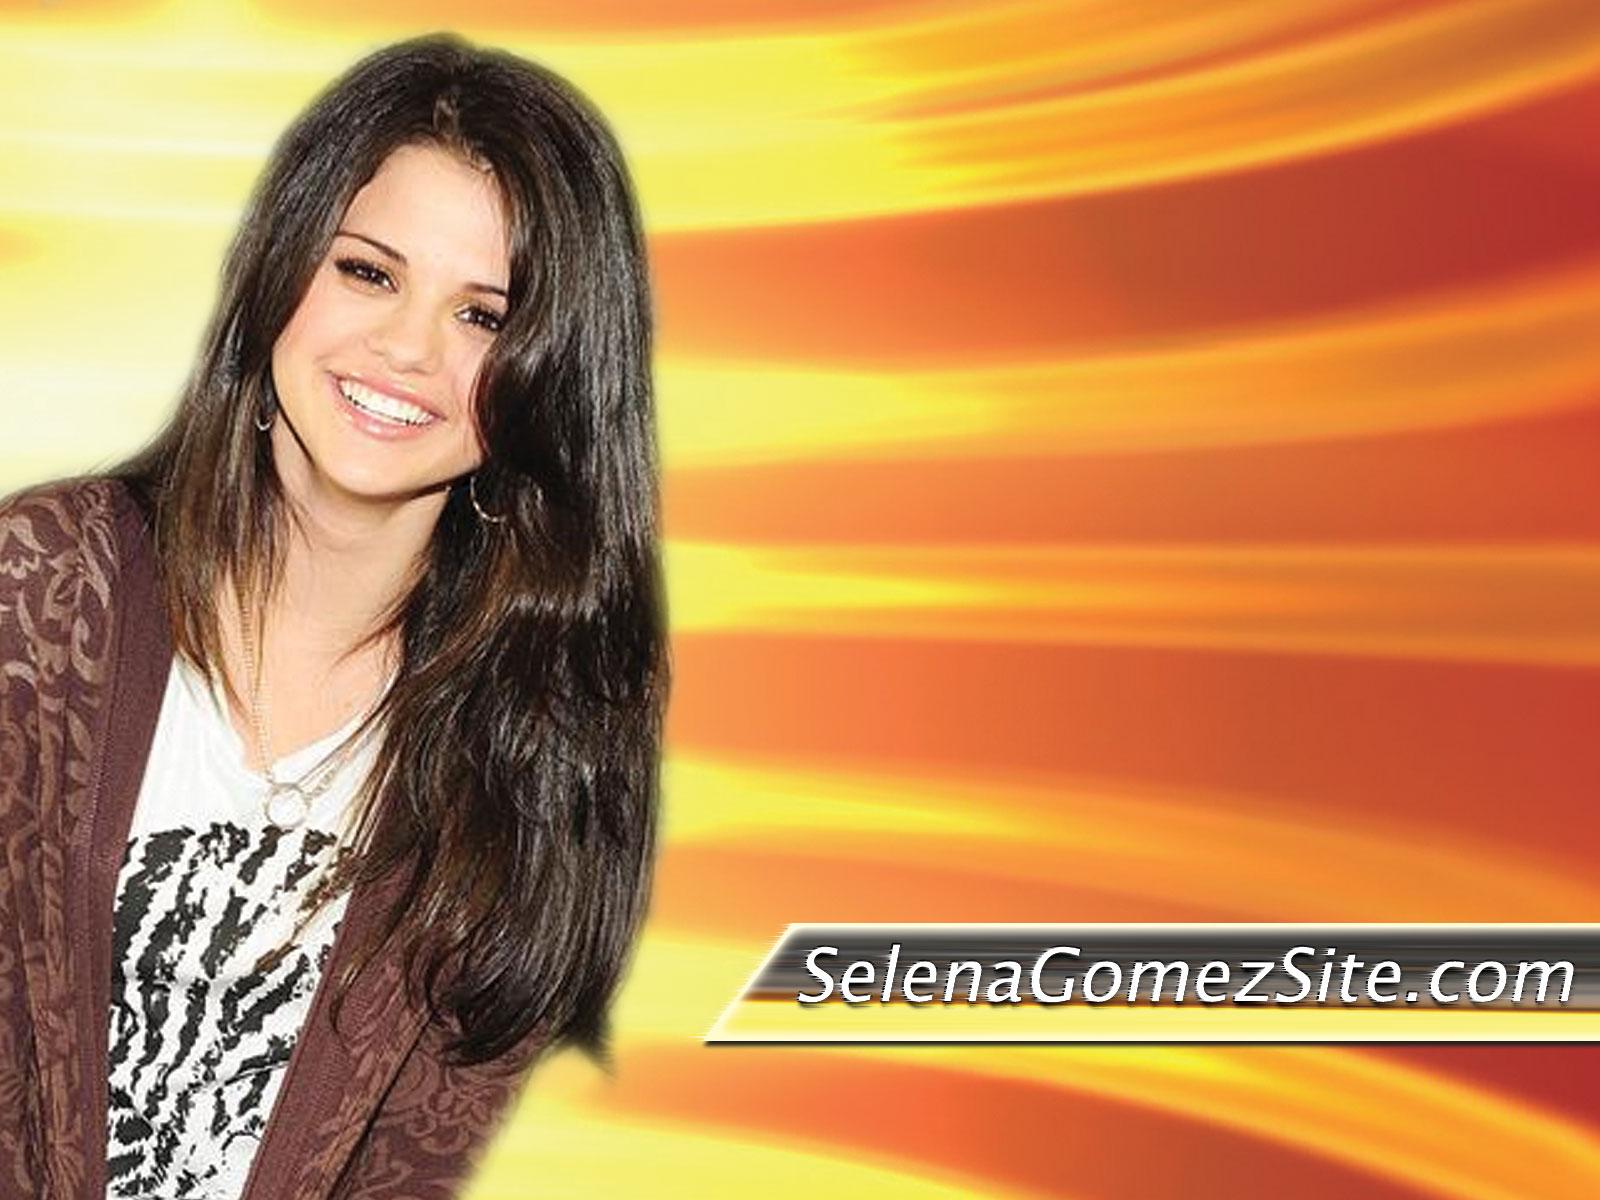 http://1.bp.blogspot.com/_bQ0SqifjNcg/SxQ0_u88l_I/AAAAAAAAJSw/mJ1u4D6nkYE/s1600/selena-gomez-hd-wallpaper-5.jpg